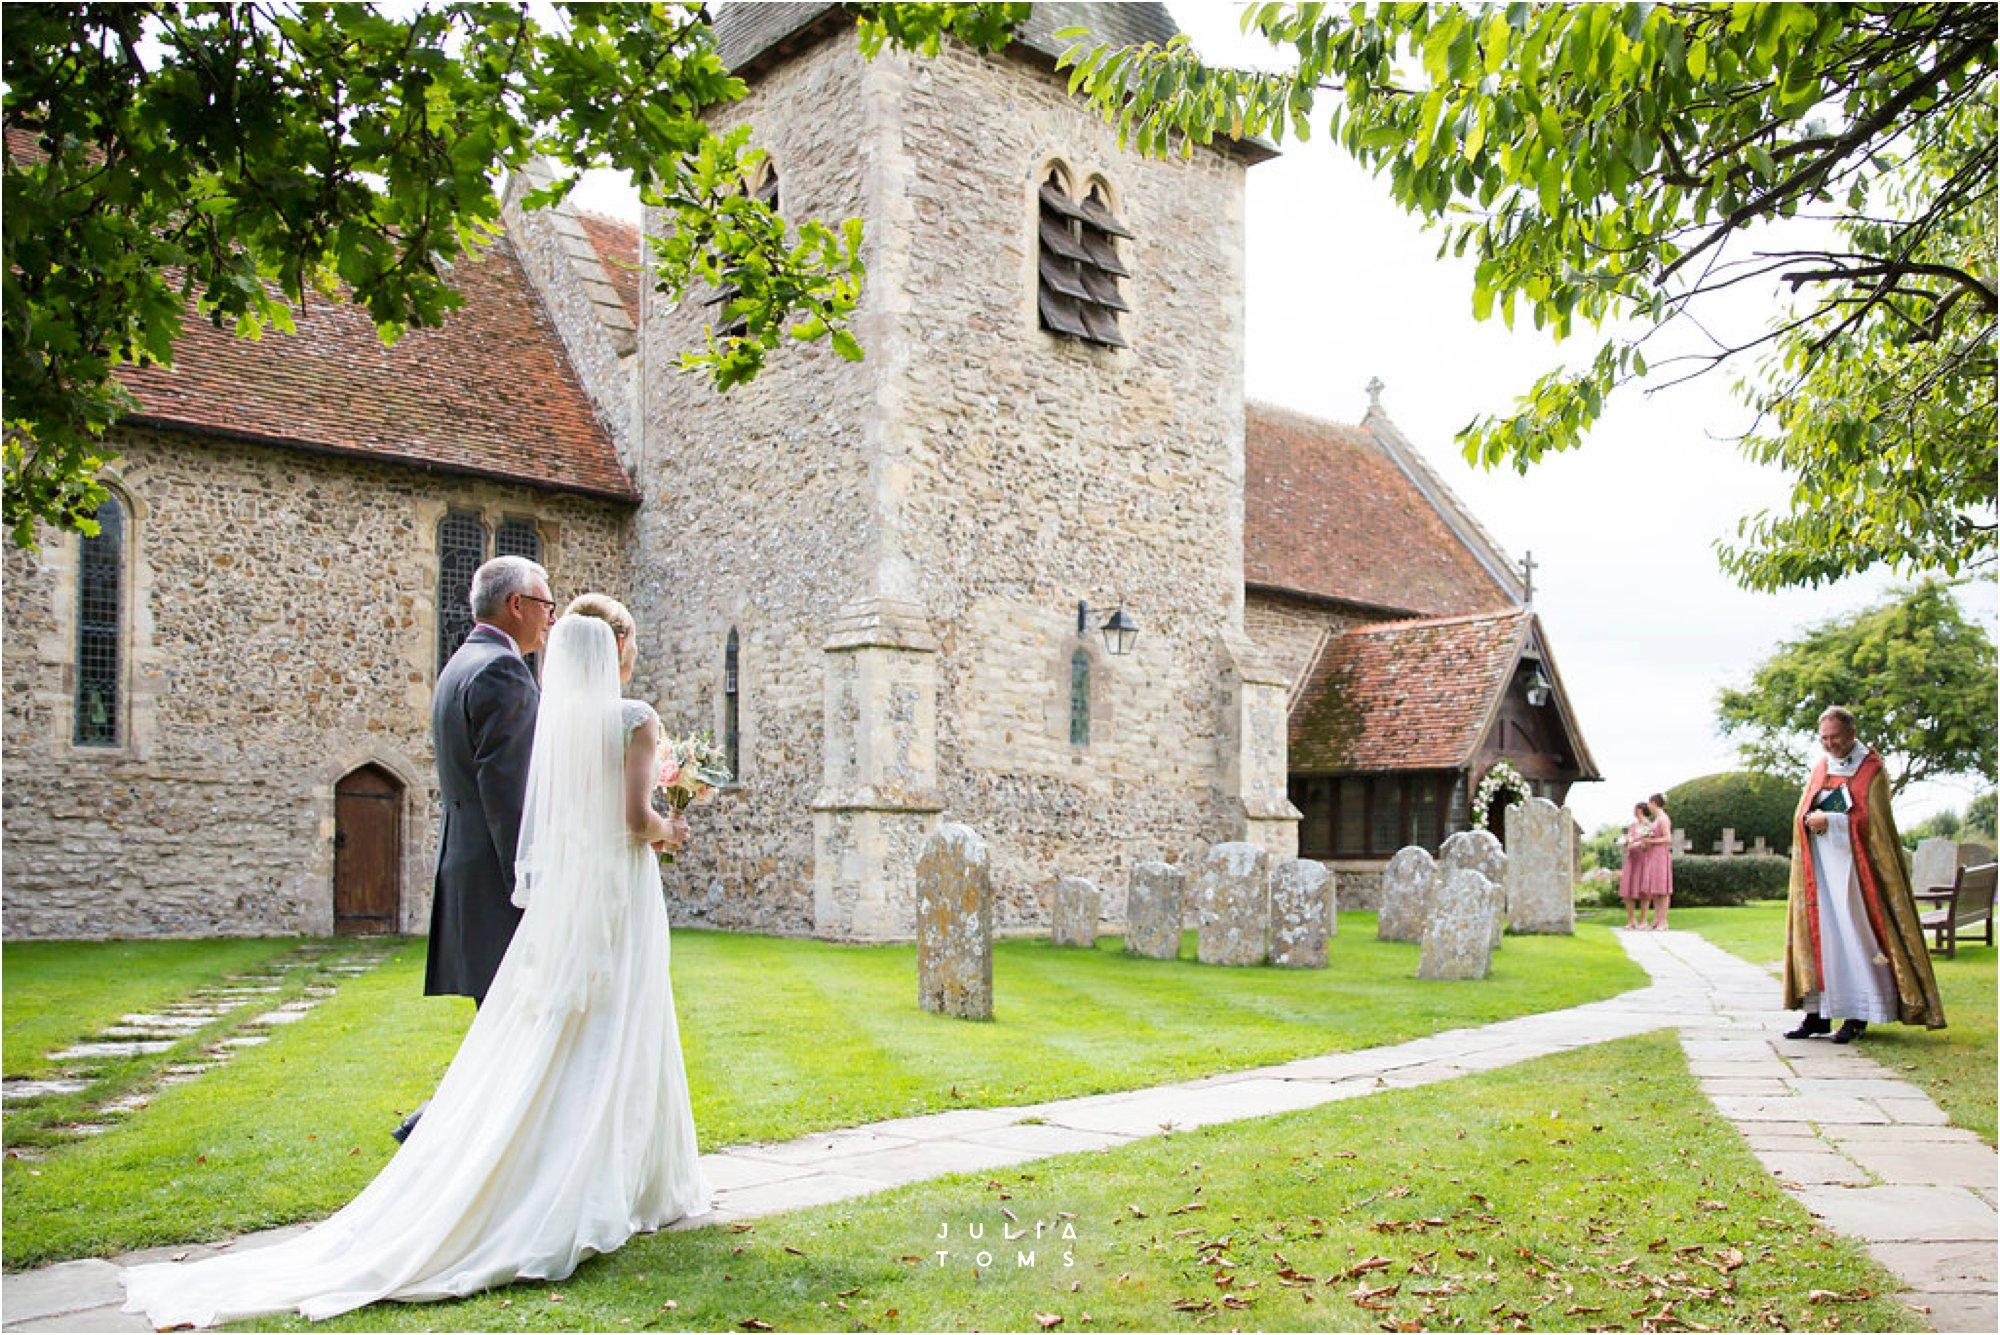 itchenor_wedding_chichester_photographer_026.jpg